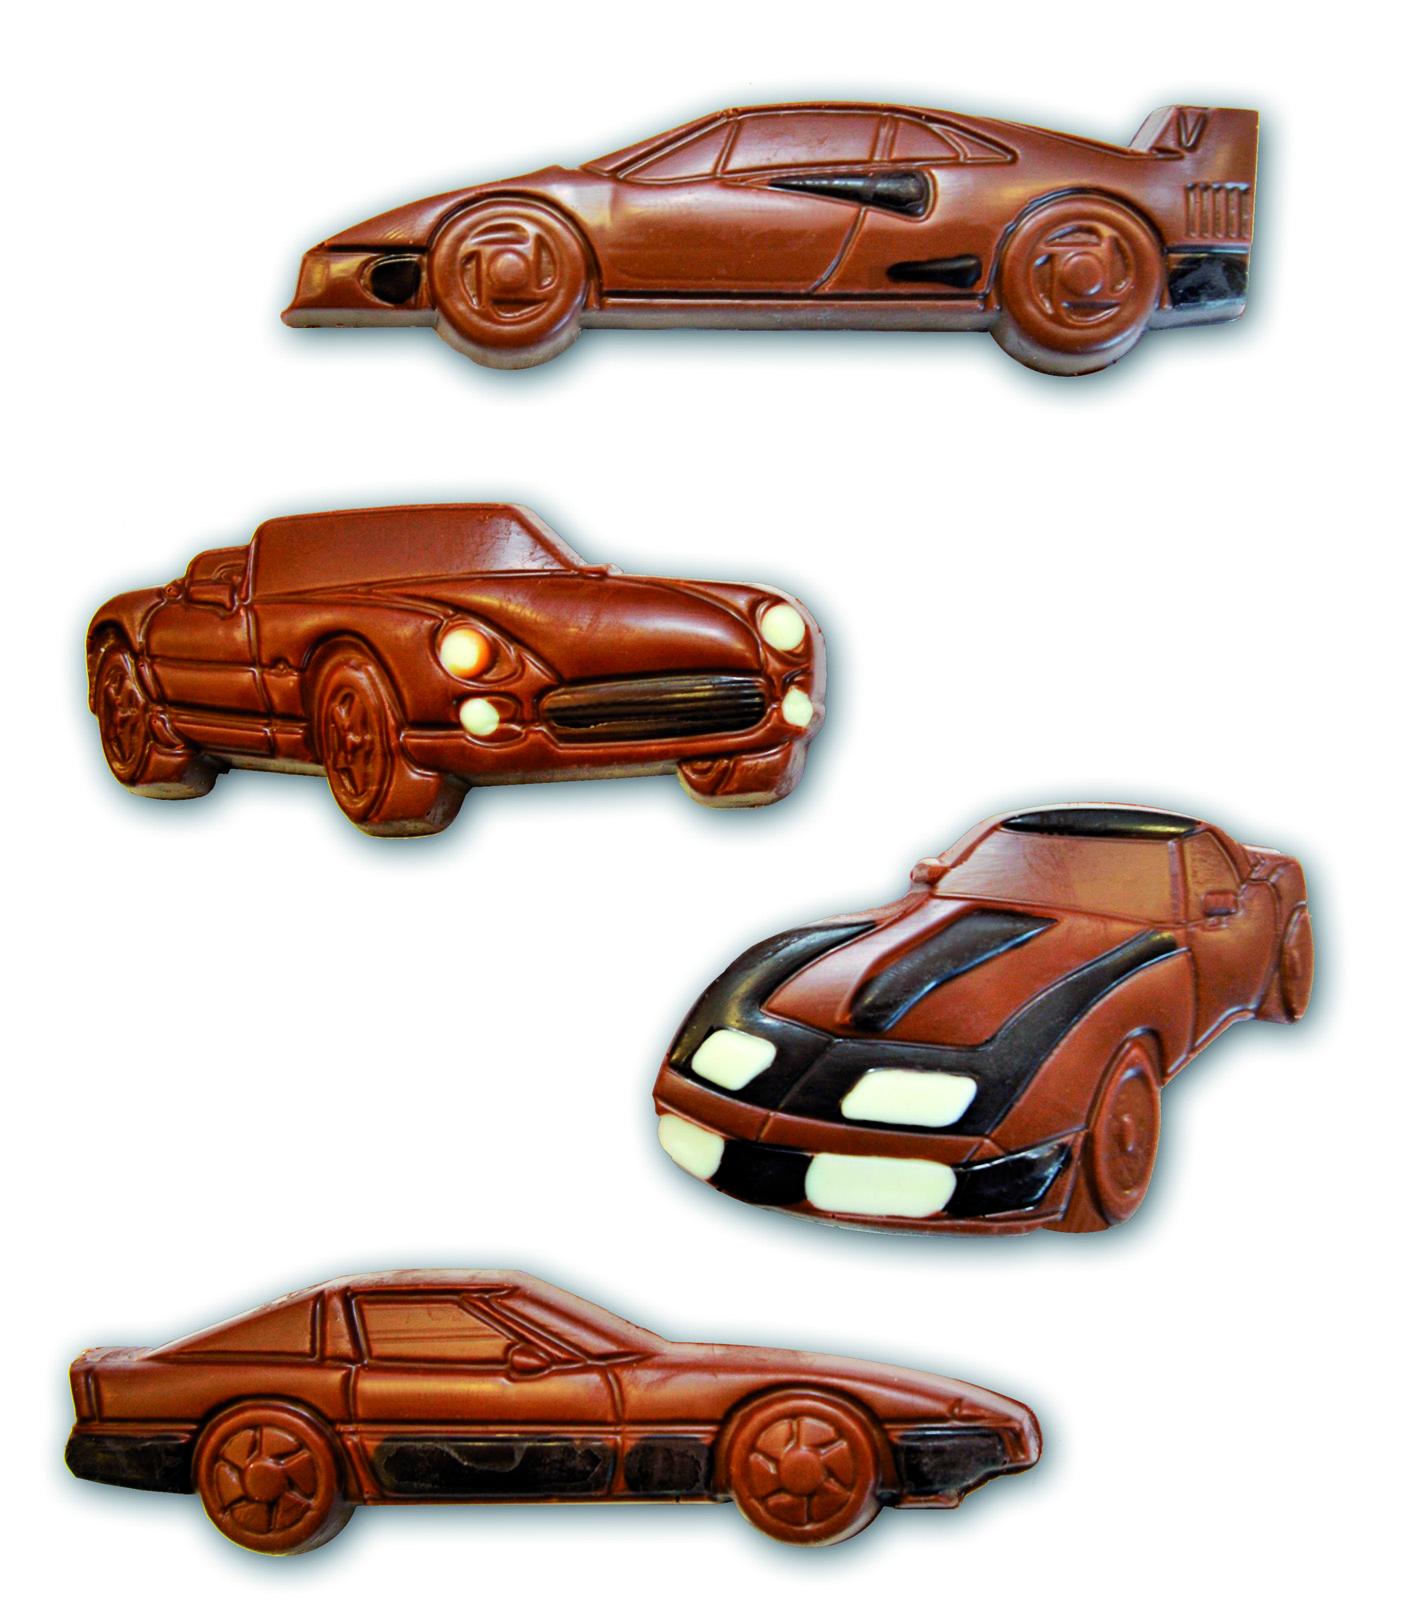 N46 Motor Cars